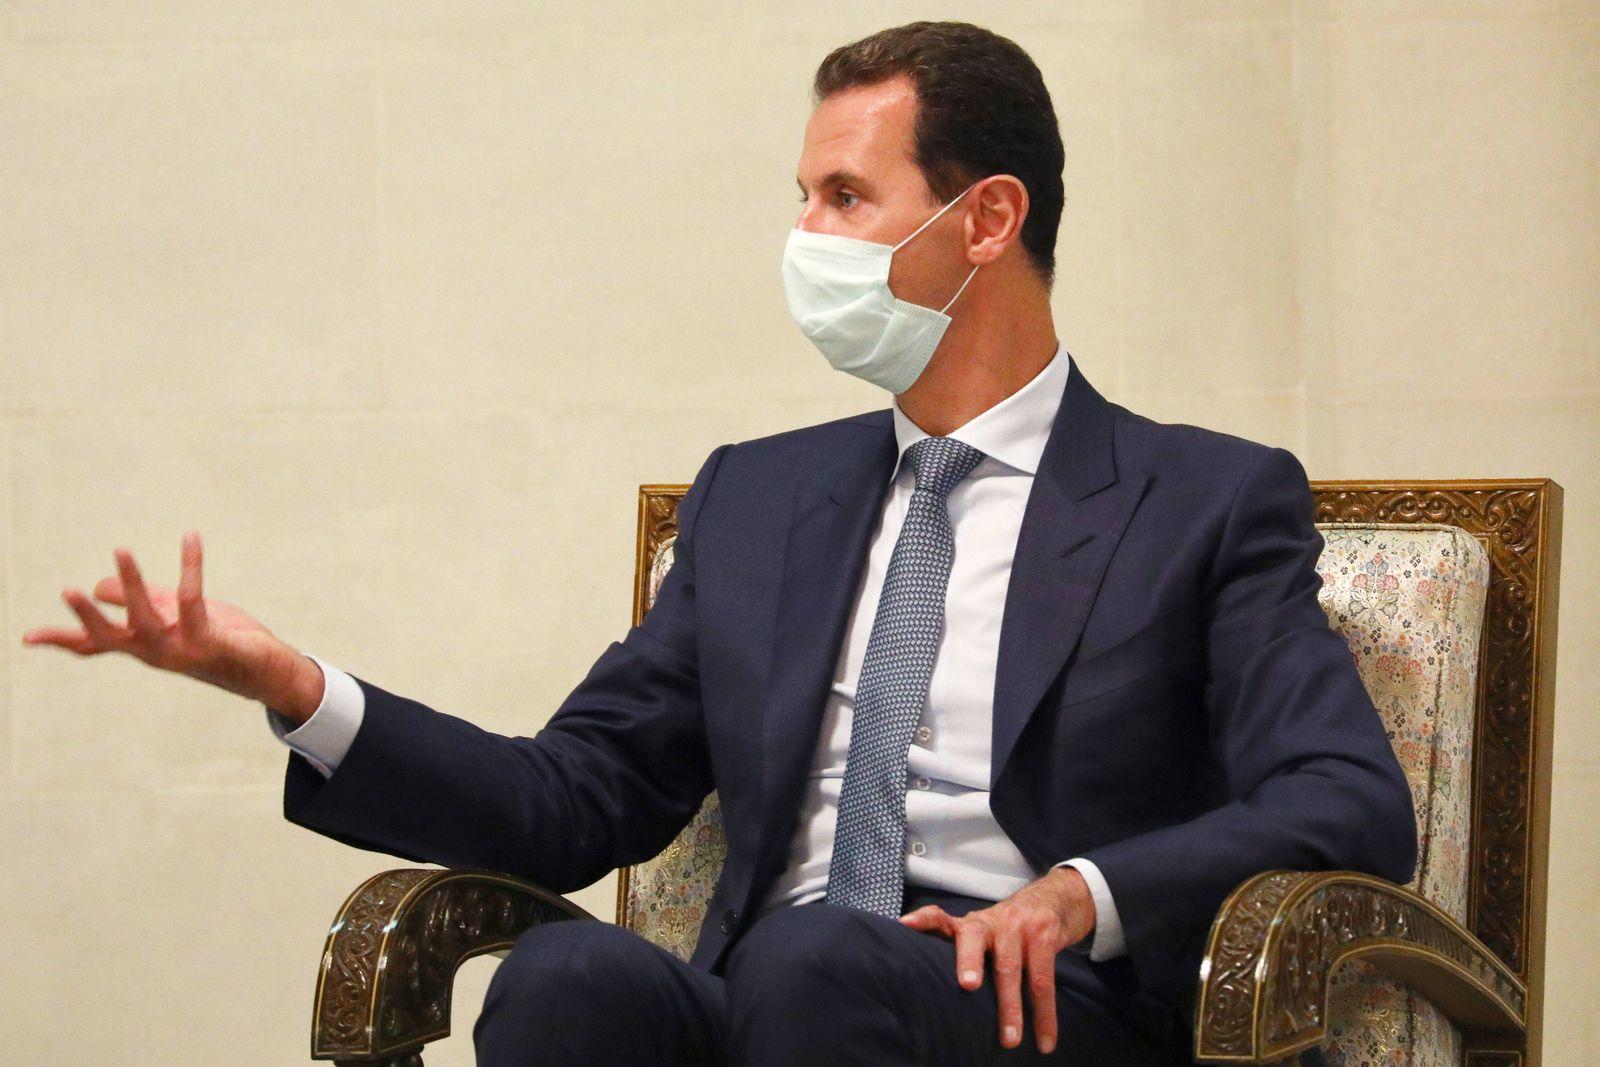 News Themen der Woche KW37 News Bilder des Tages DAMASCUS, SYRIA - SEPTEMBER 7, 2020: Syria s President Bashar al-Assad